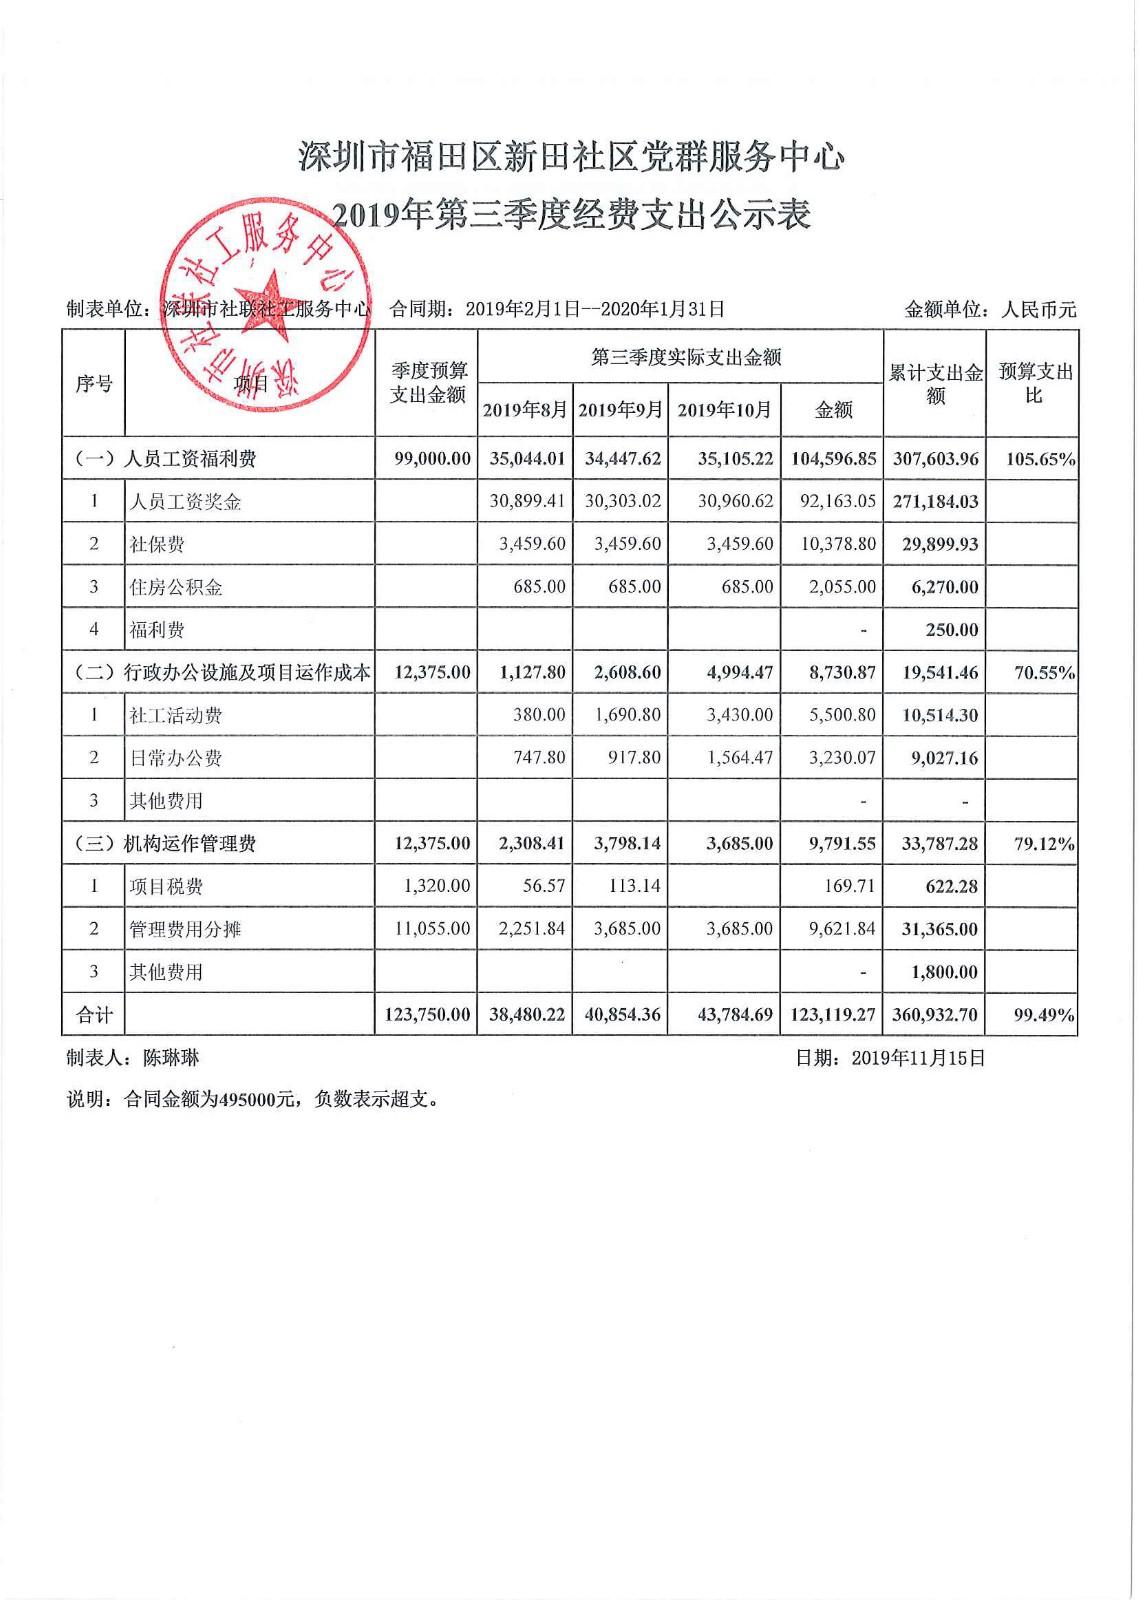 2019年第三季度新田社区支出公示表